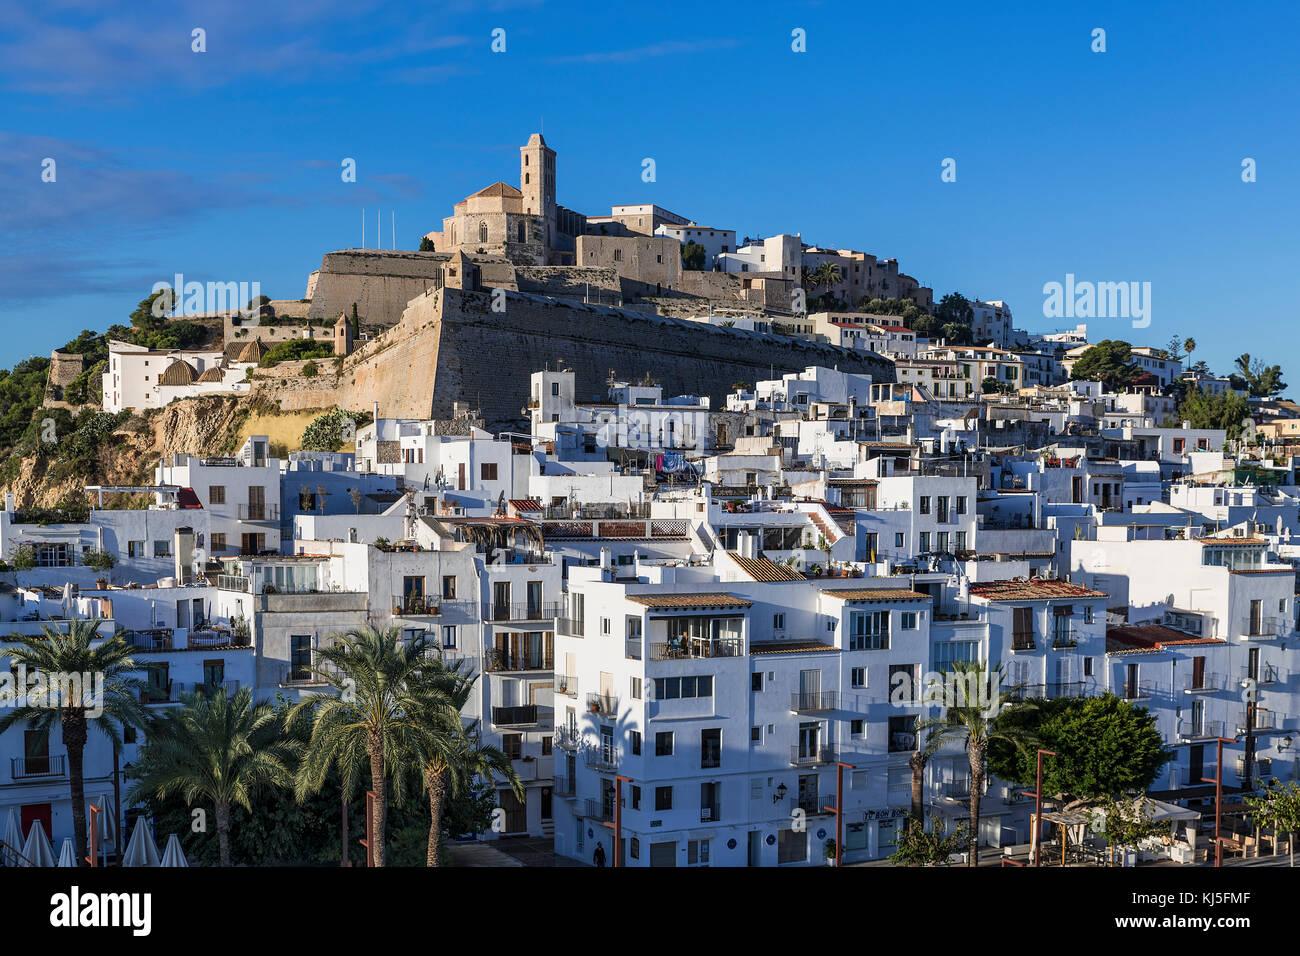 La Ville d'Ibiza et de la cathédrale de Santa Maria d'Eivissa, Ibiza, Baléares, Espagne. Photo Stock